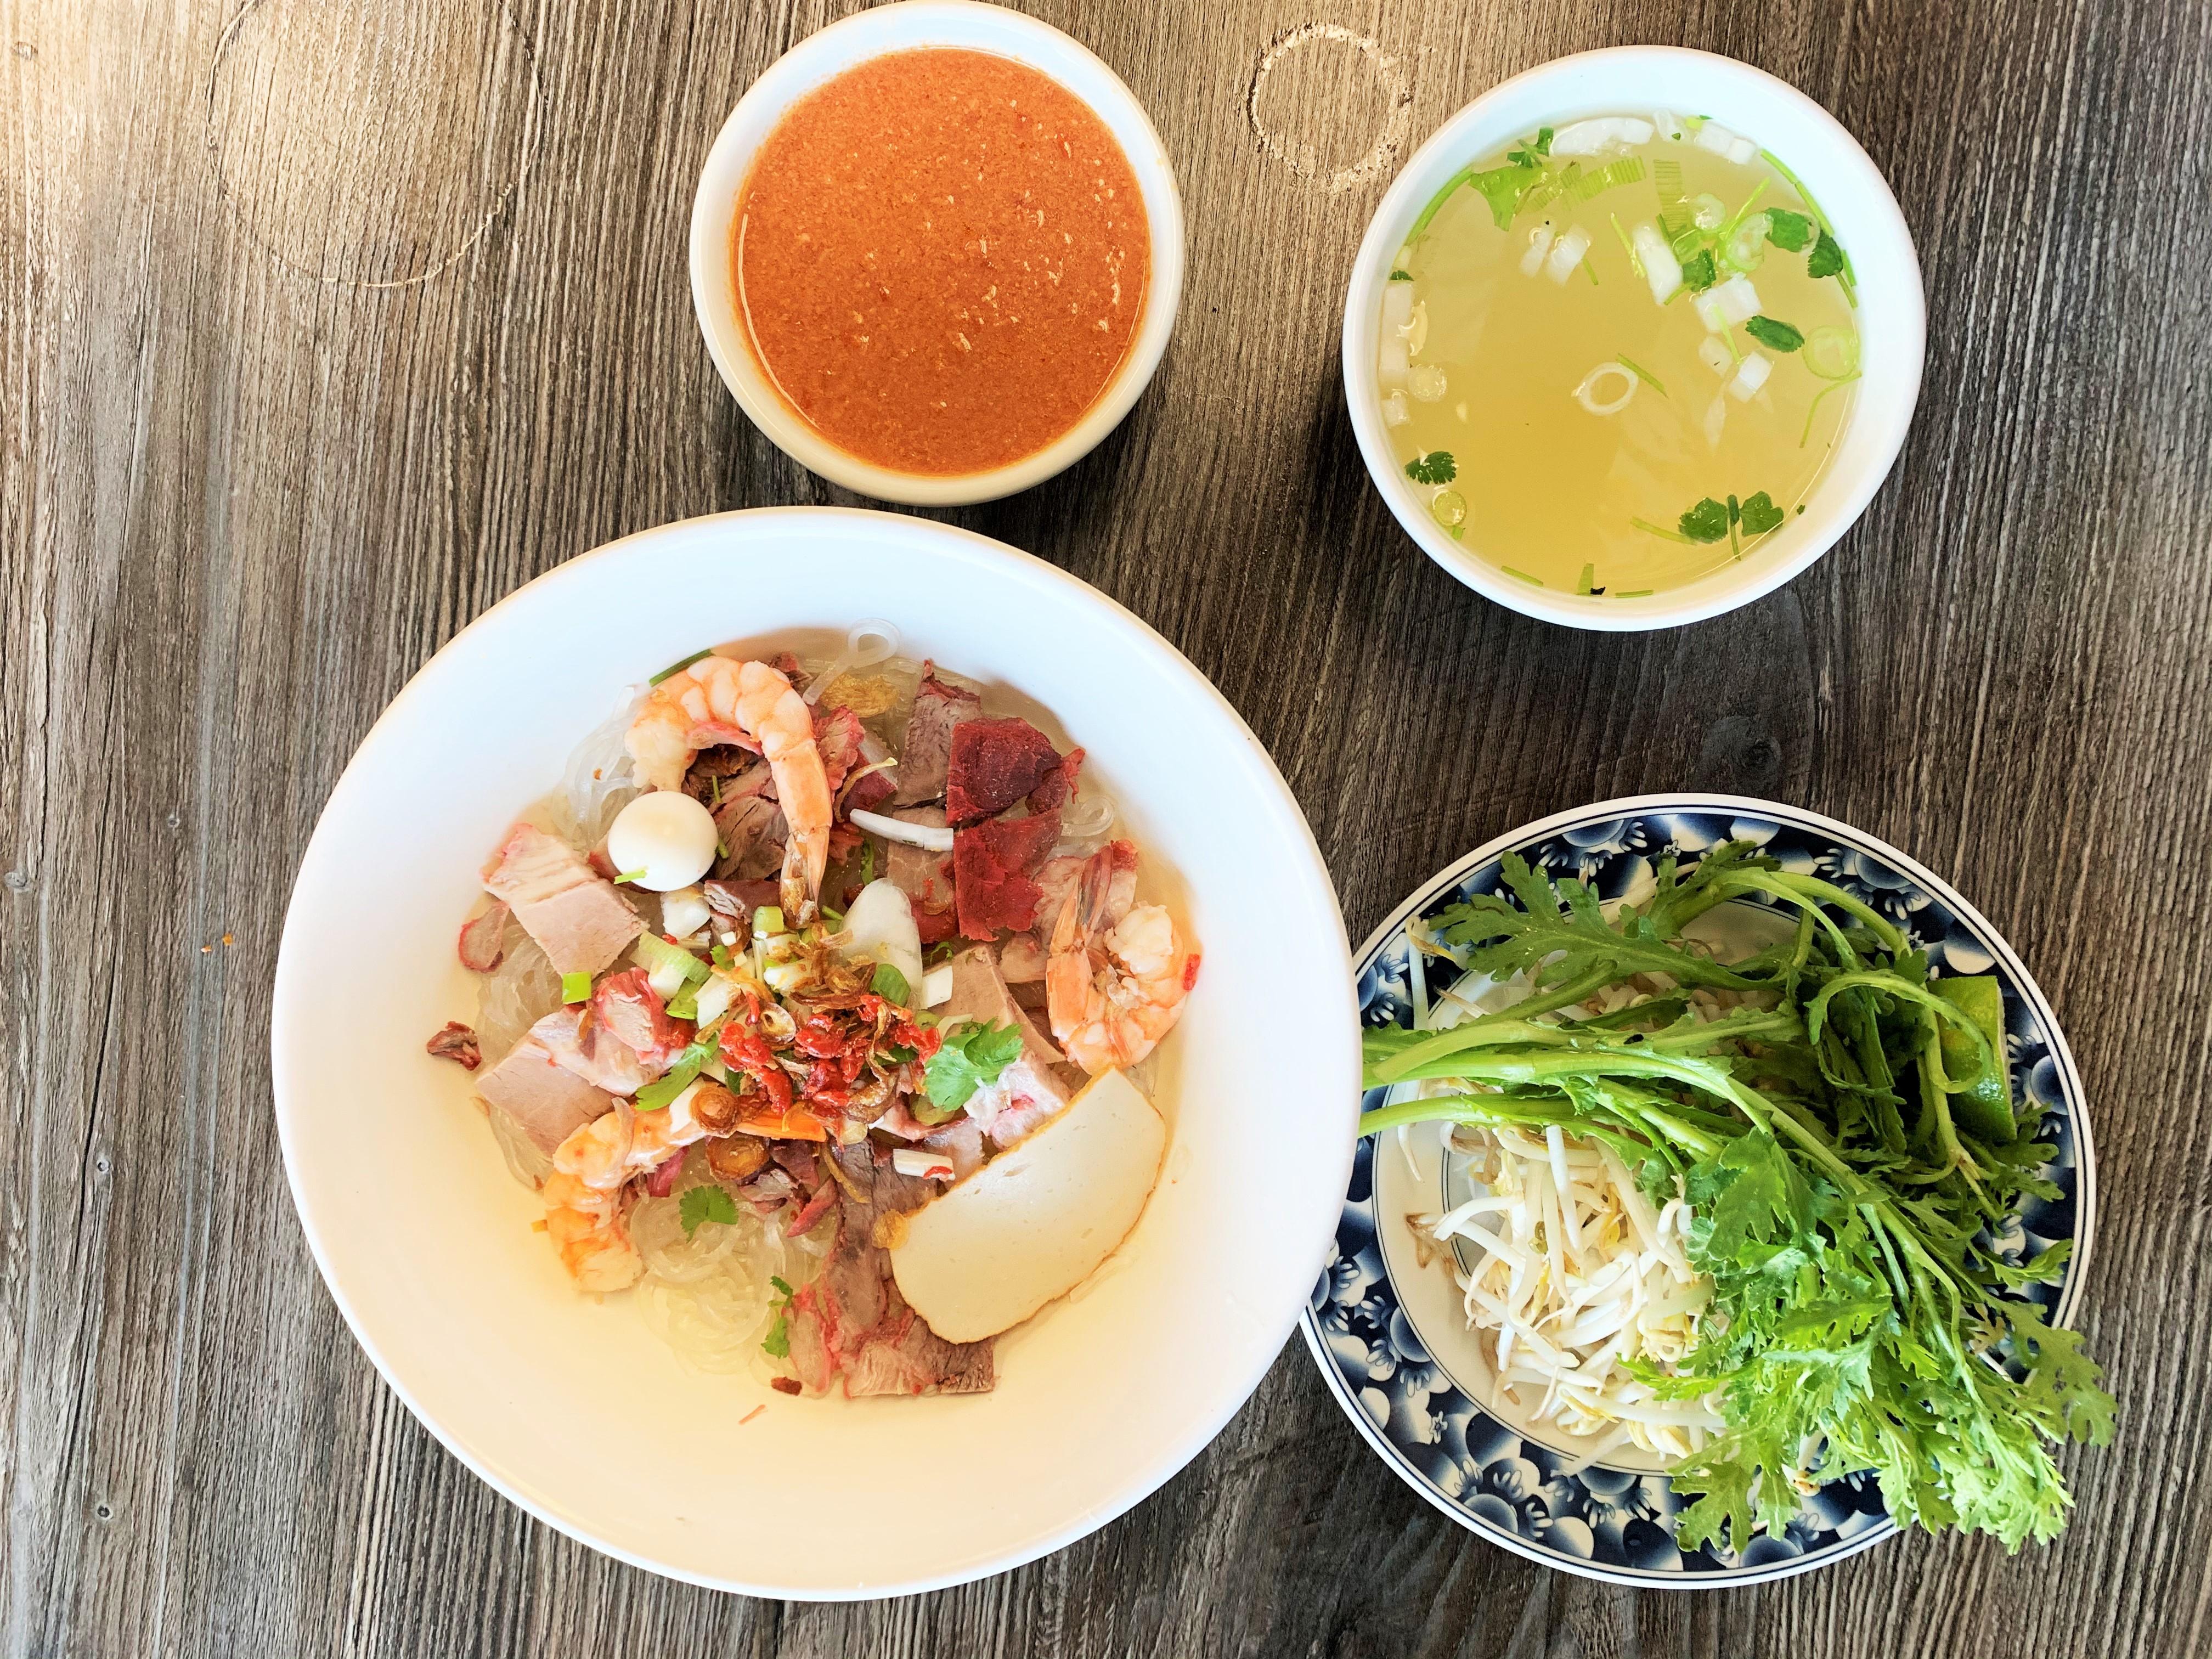 Hu tieu noodle dish at Hu Tieu Thanh Xuan in Westerminster